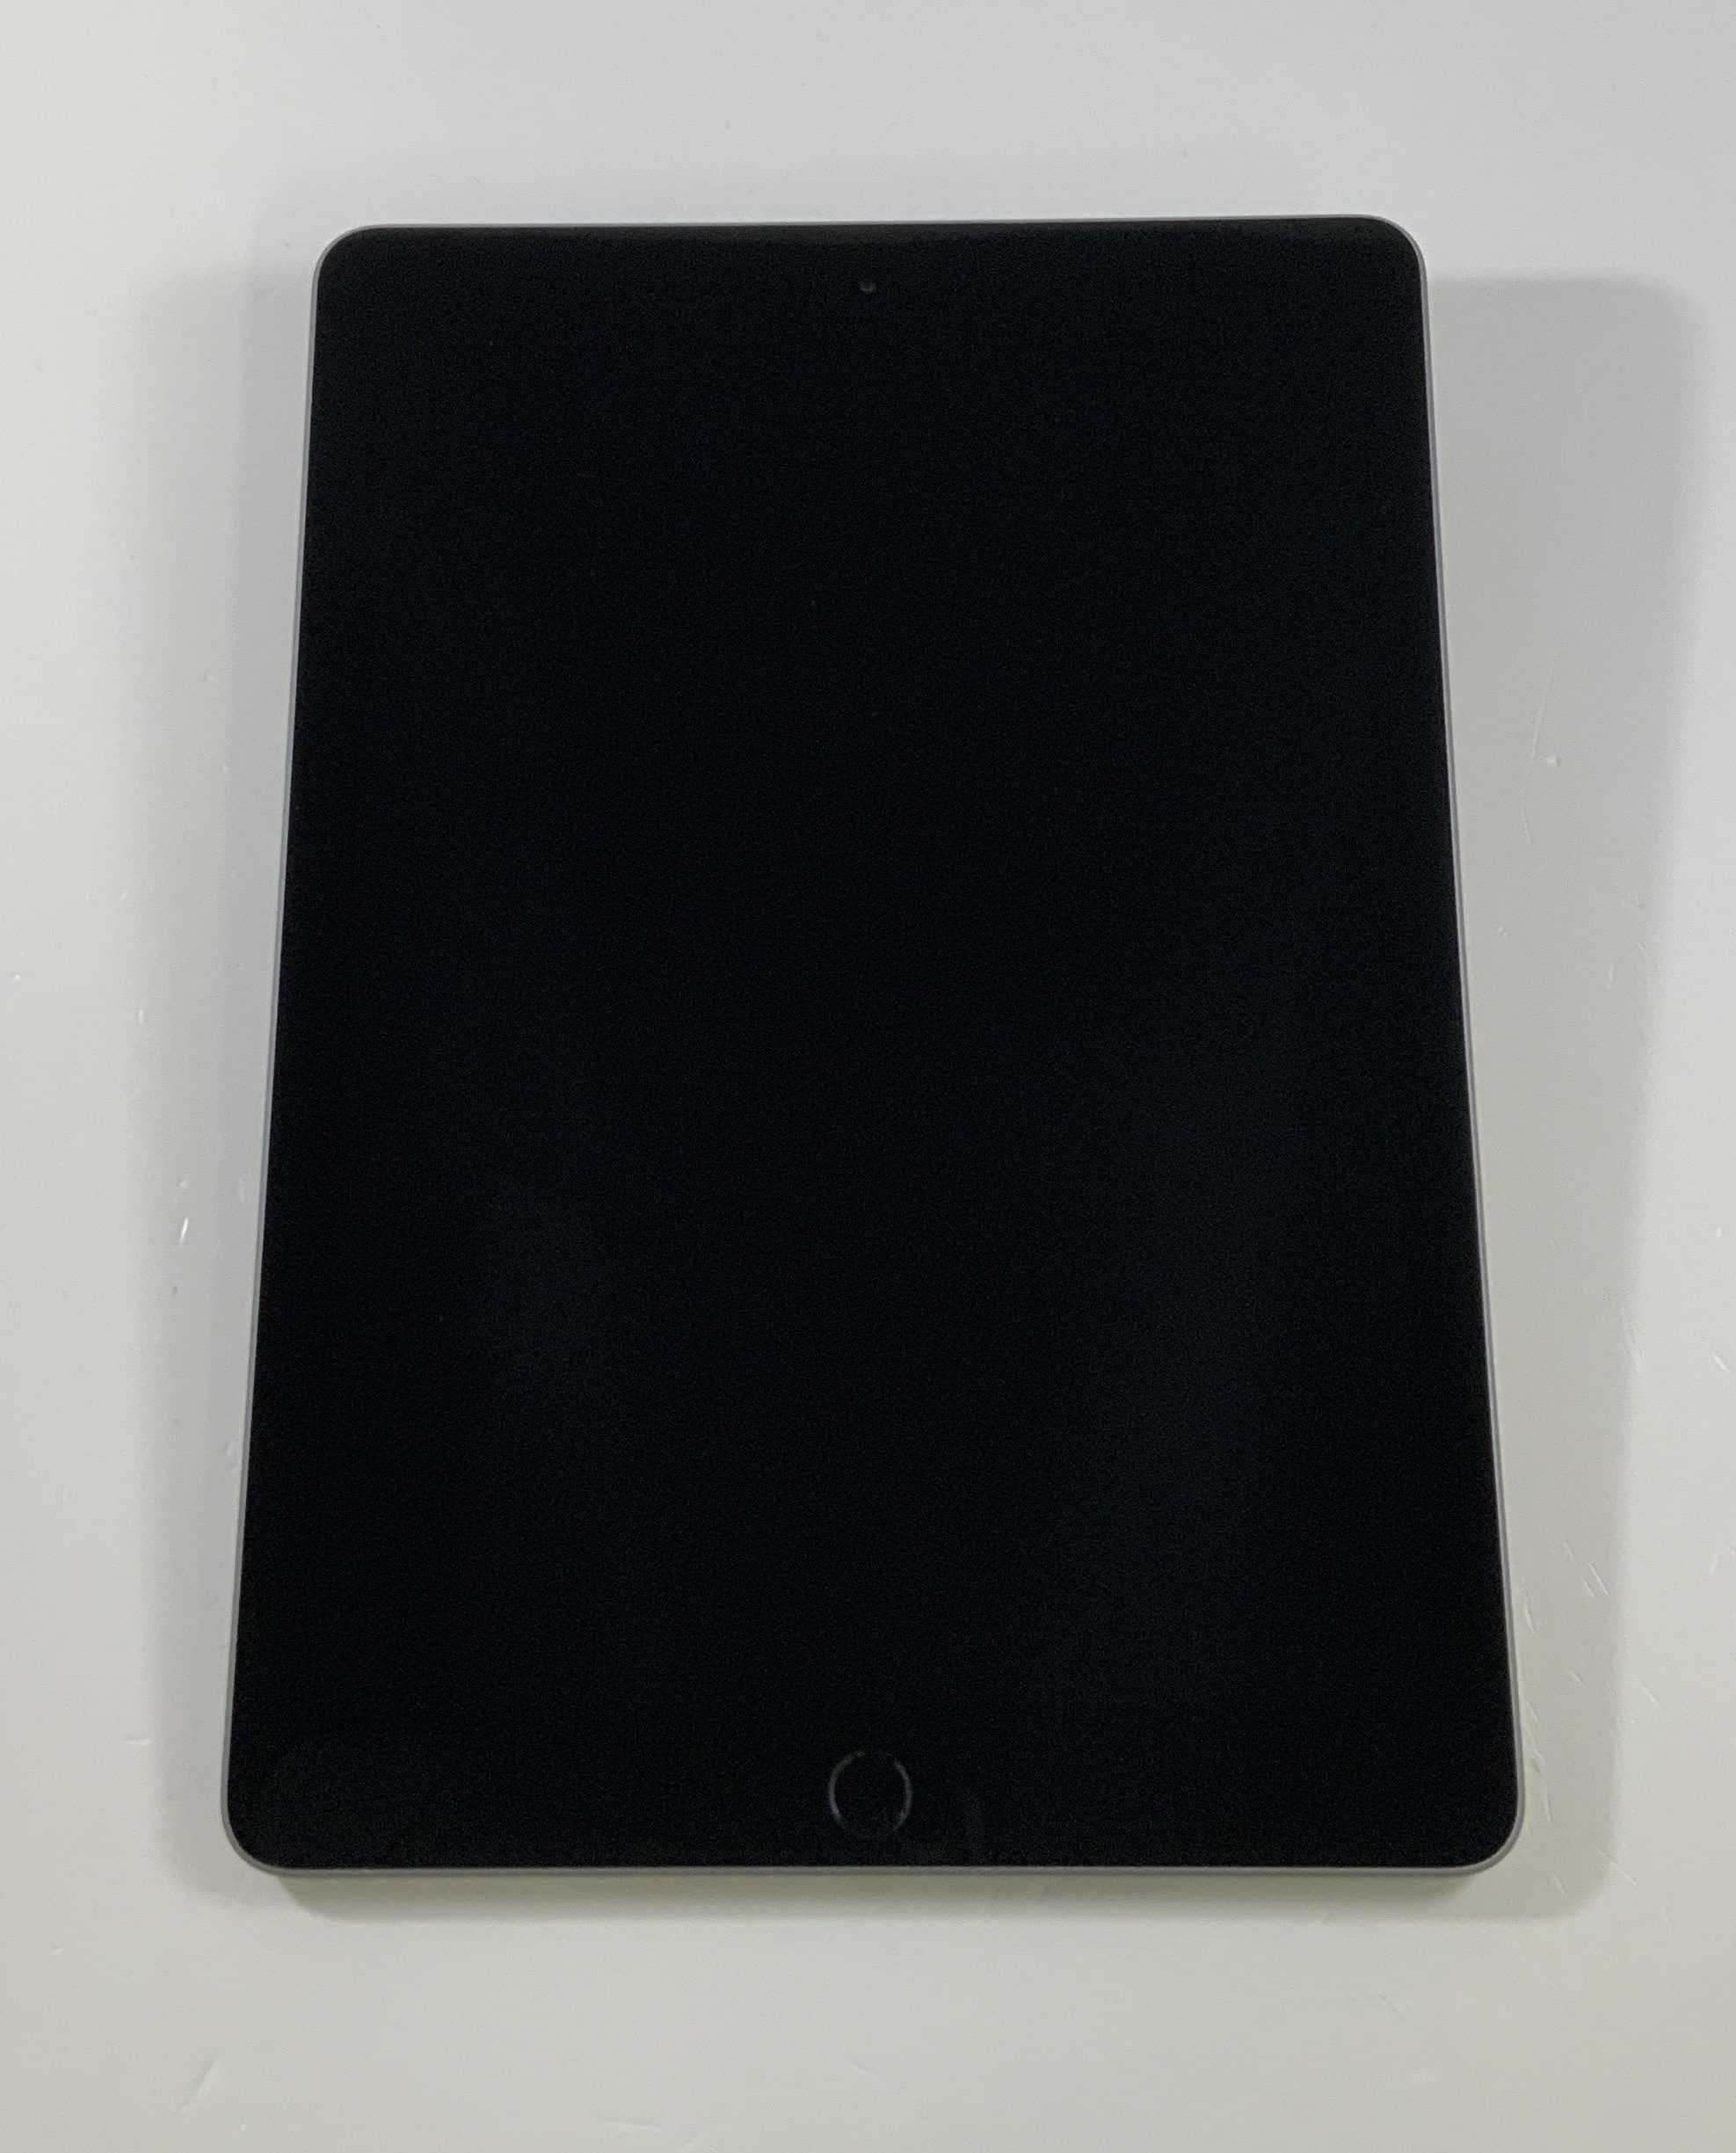 iPad 6 Wi-Fi 32GB, 32GB, Space Gray, immagine 1